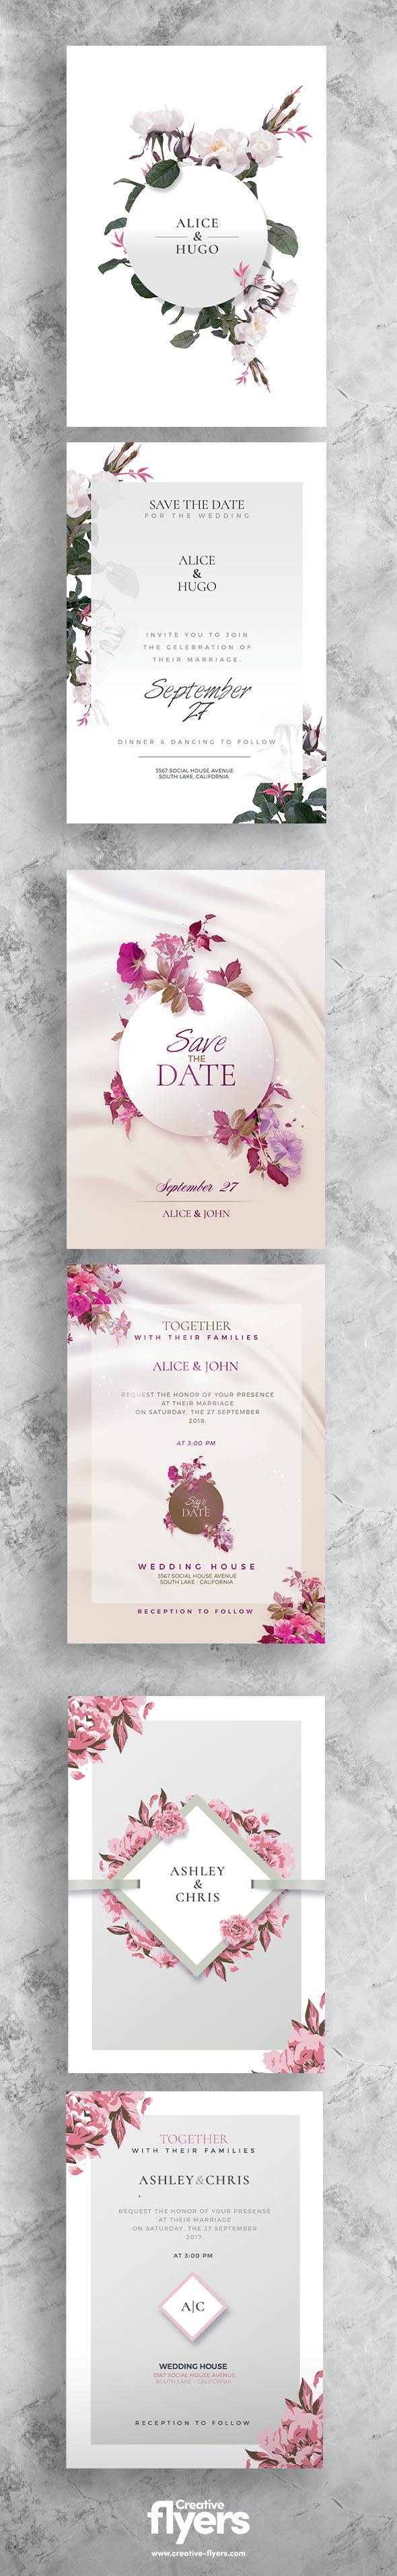 3 Wedding Flyer Templates